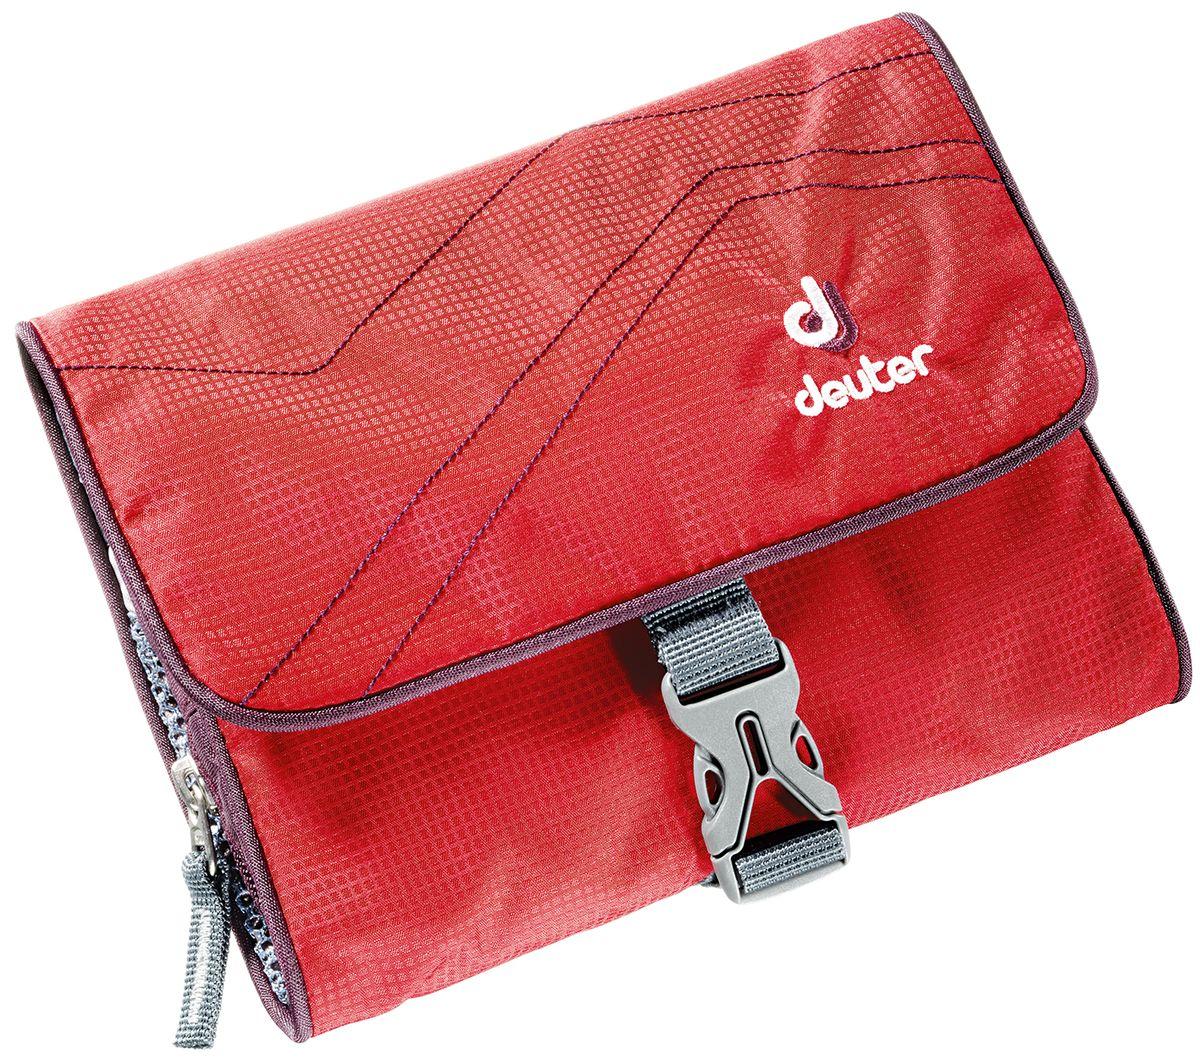 Косметичка Deuter  Wash Bag I , цвет: красный, фиолетовый, 16 см x 19 см x 3 см - Несессеры и кошельки